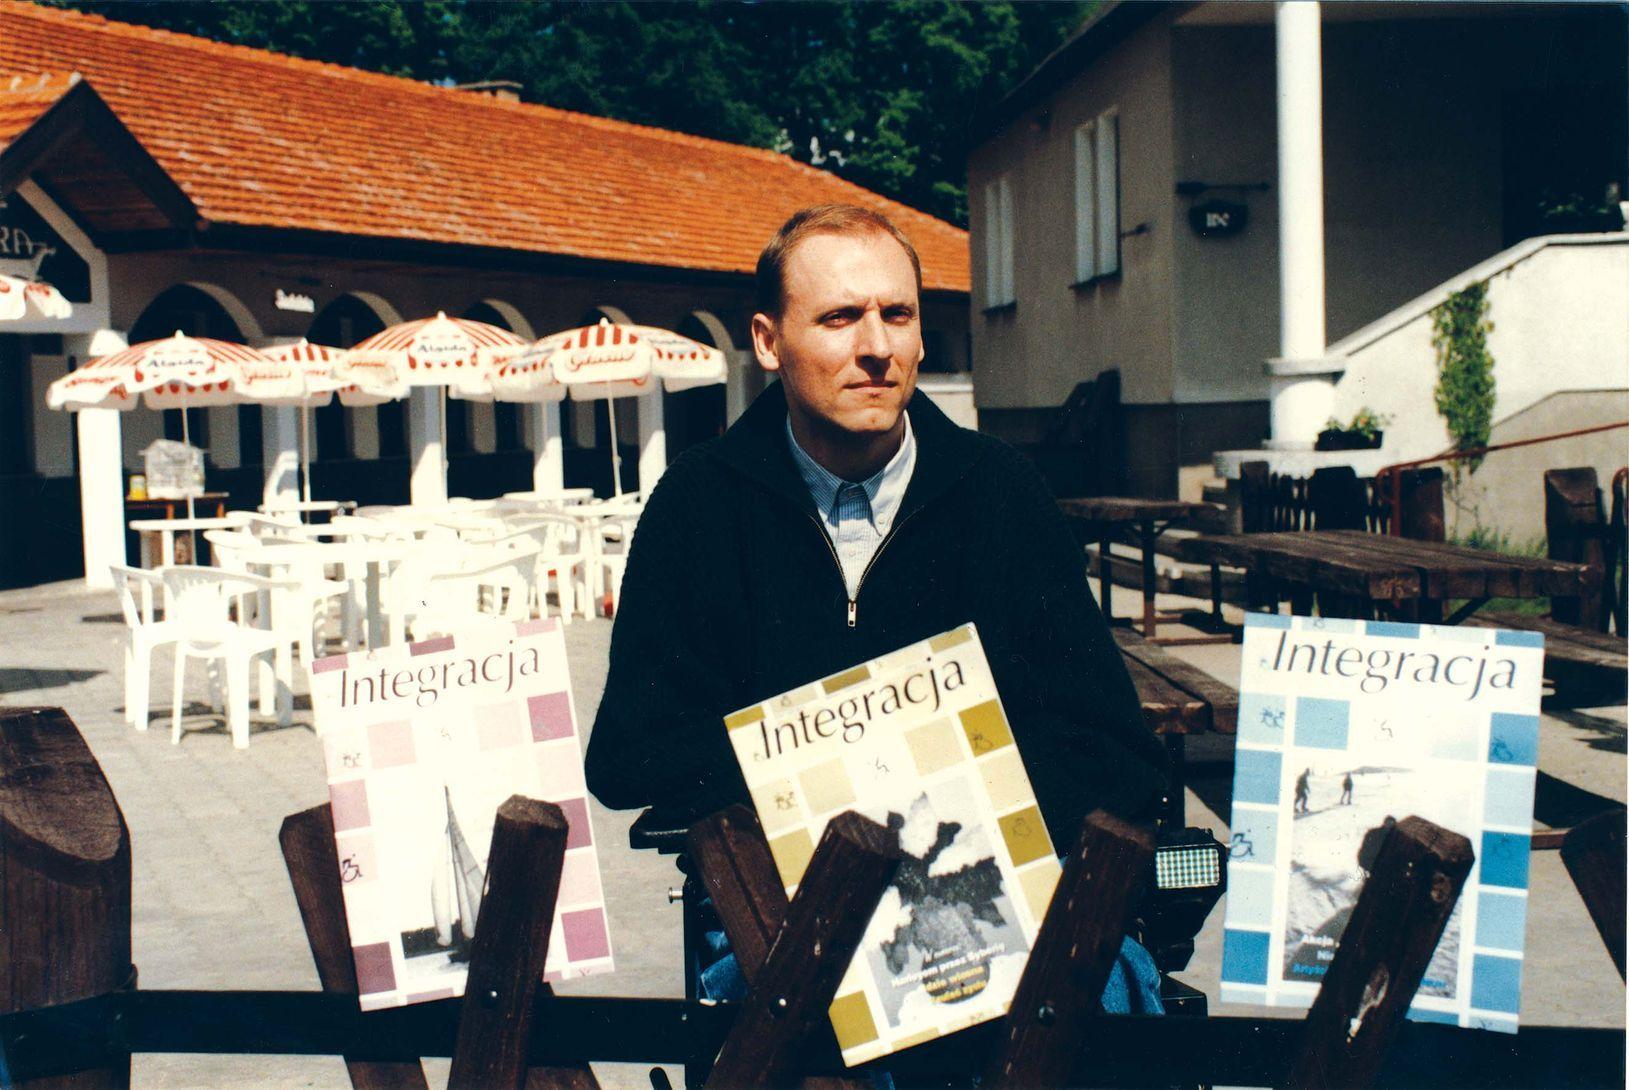 Piotr Pawłowski i Integracja